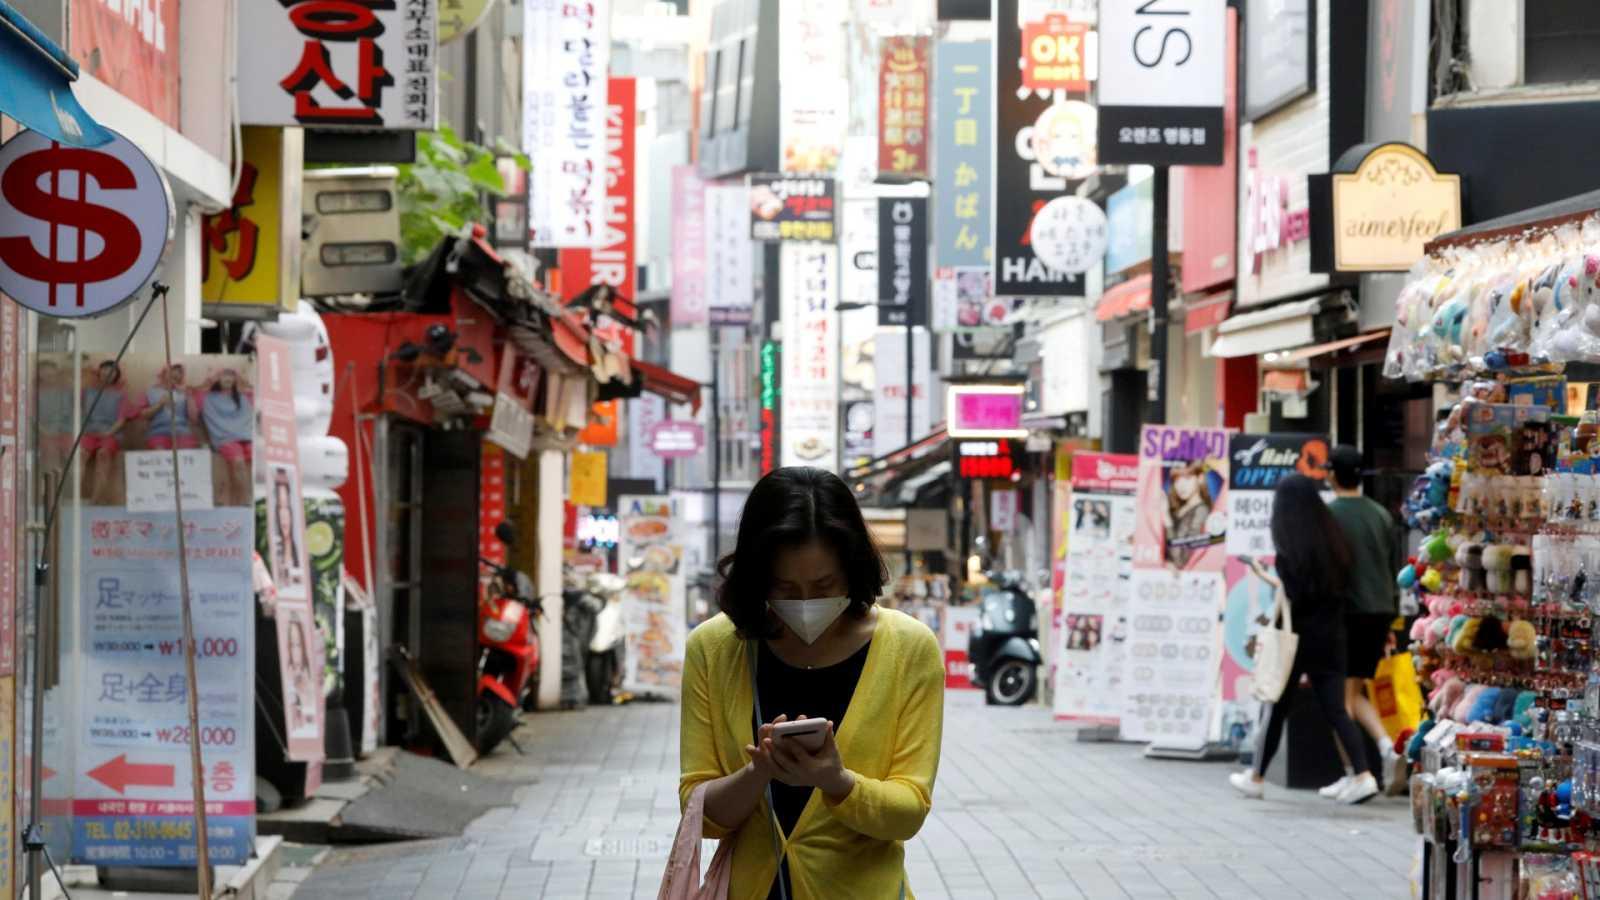 Segunda ola del virus en Corea del Sur: 17 casos en 24 horas